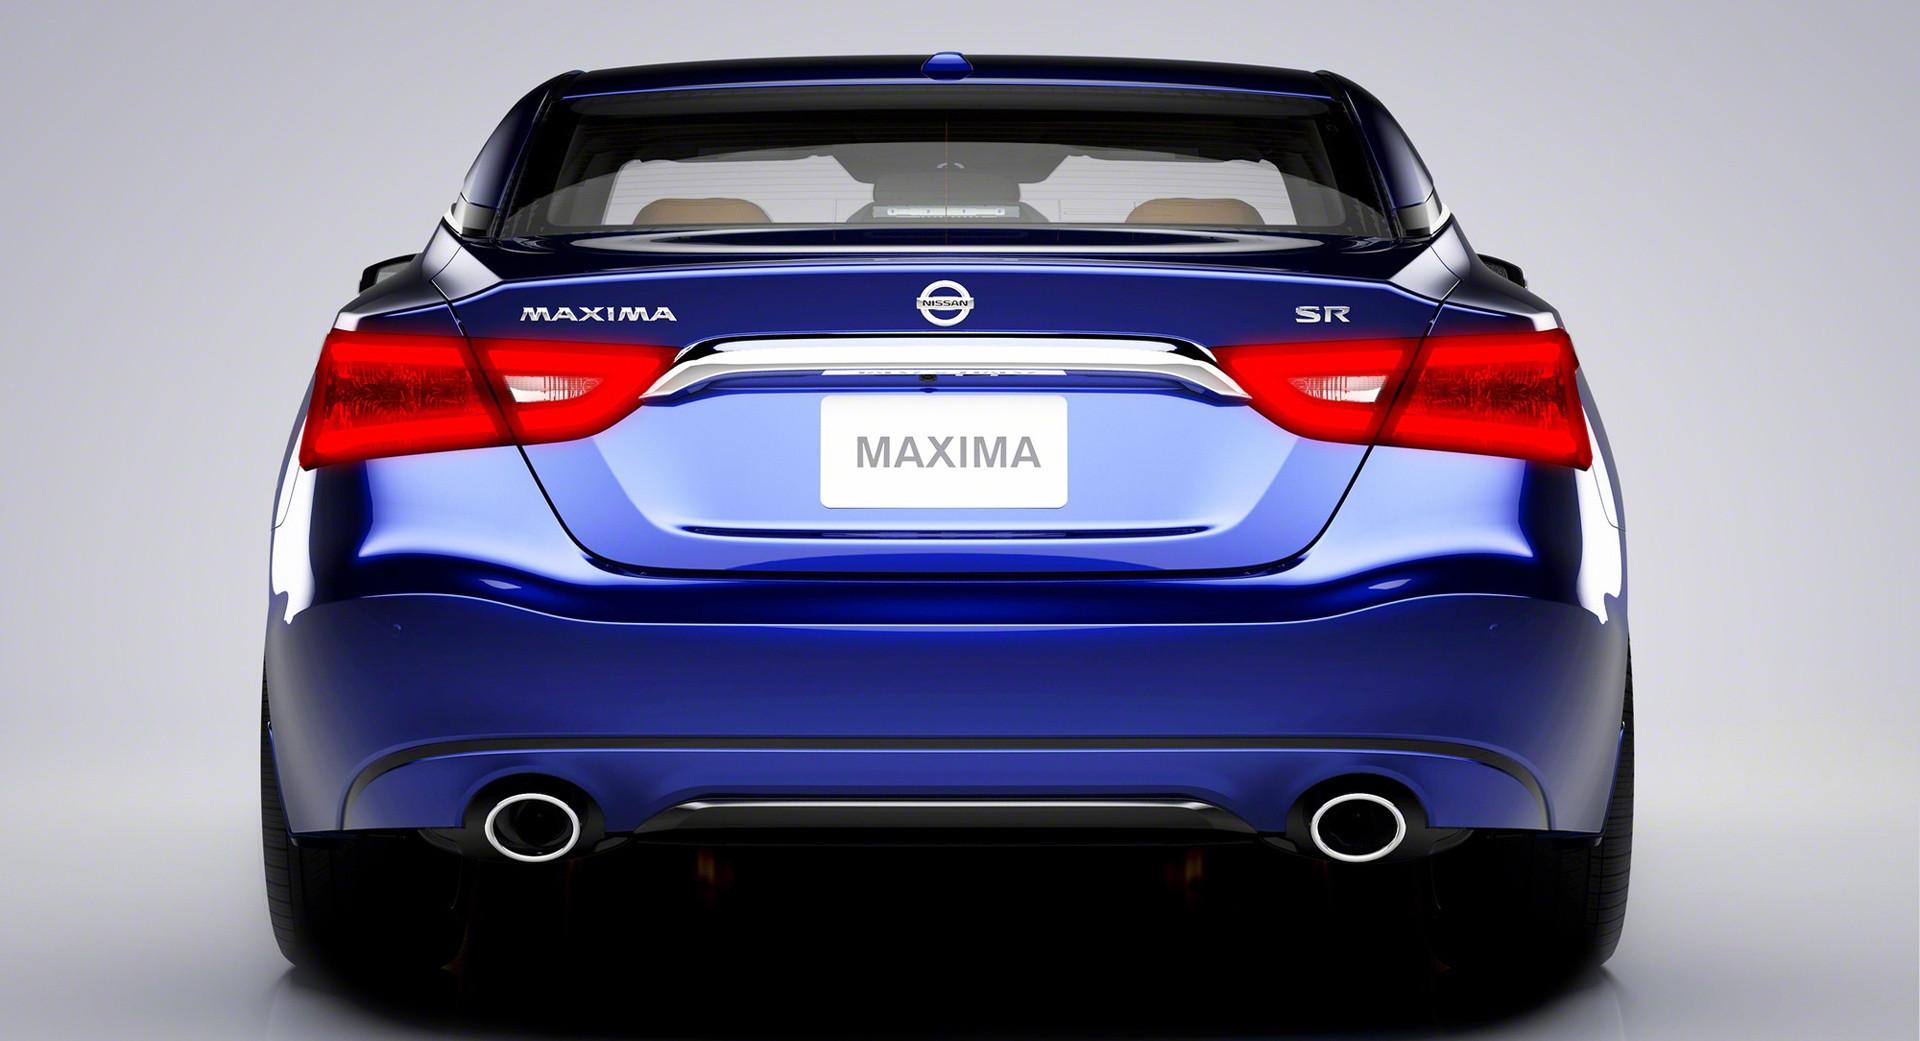 Nissan Maxima rear